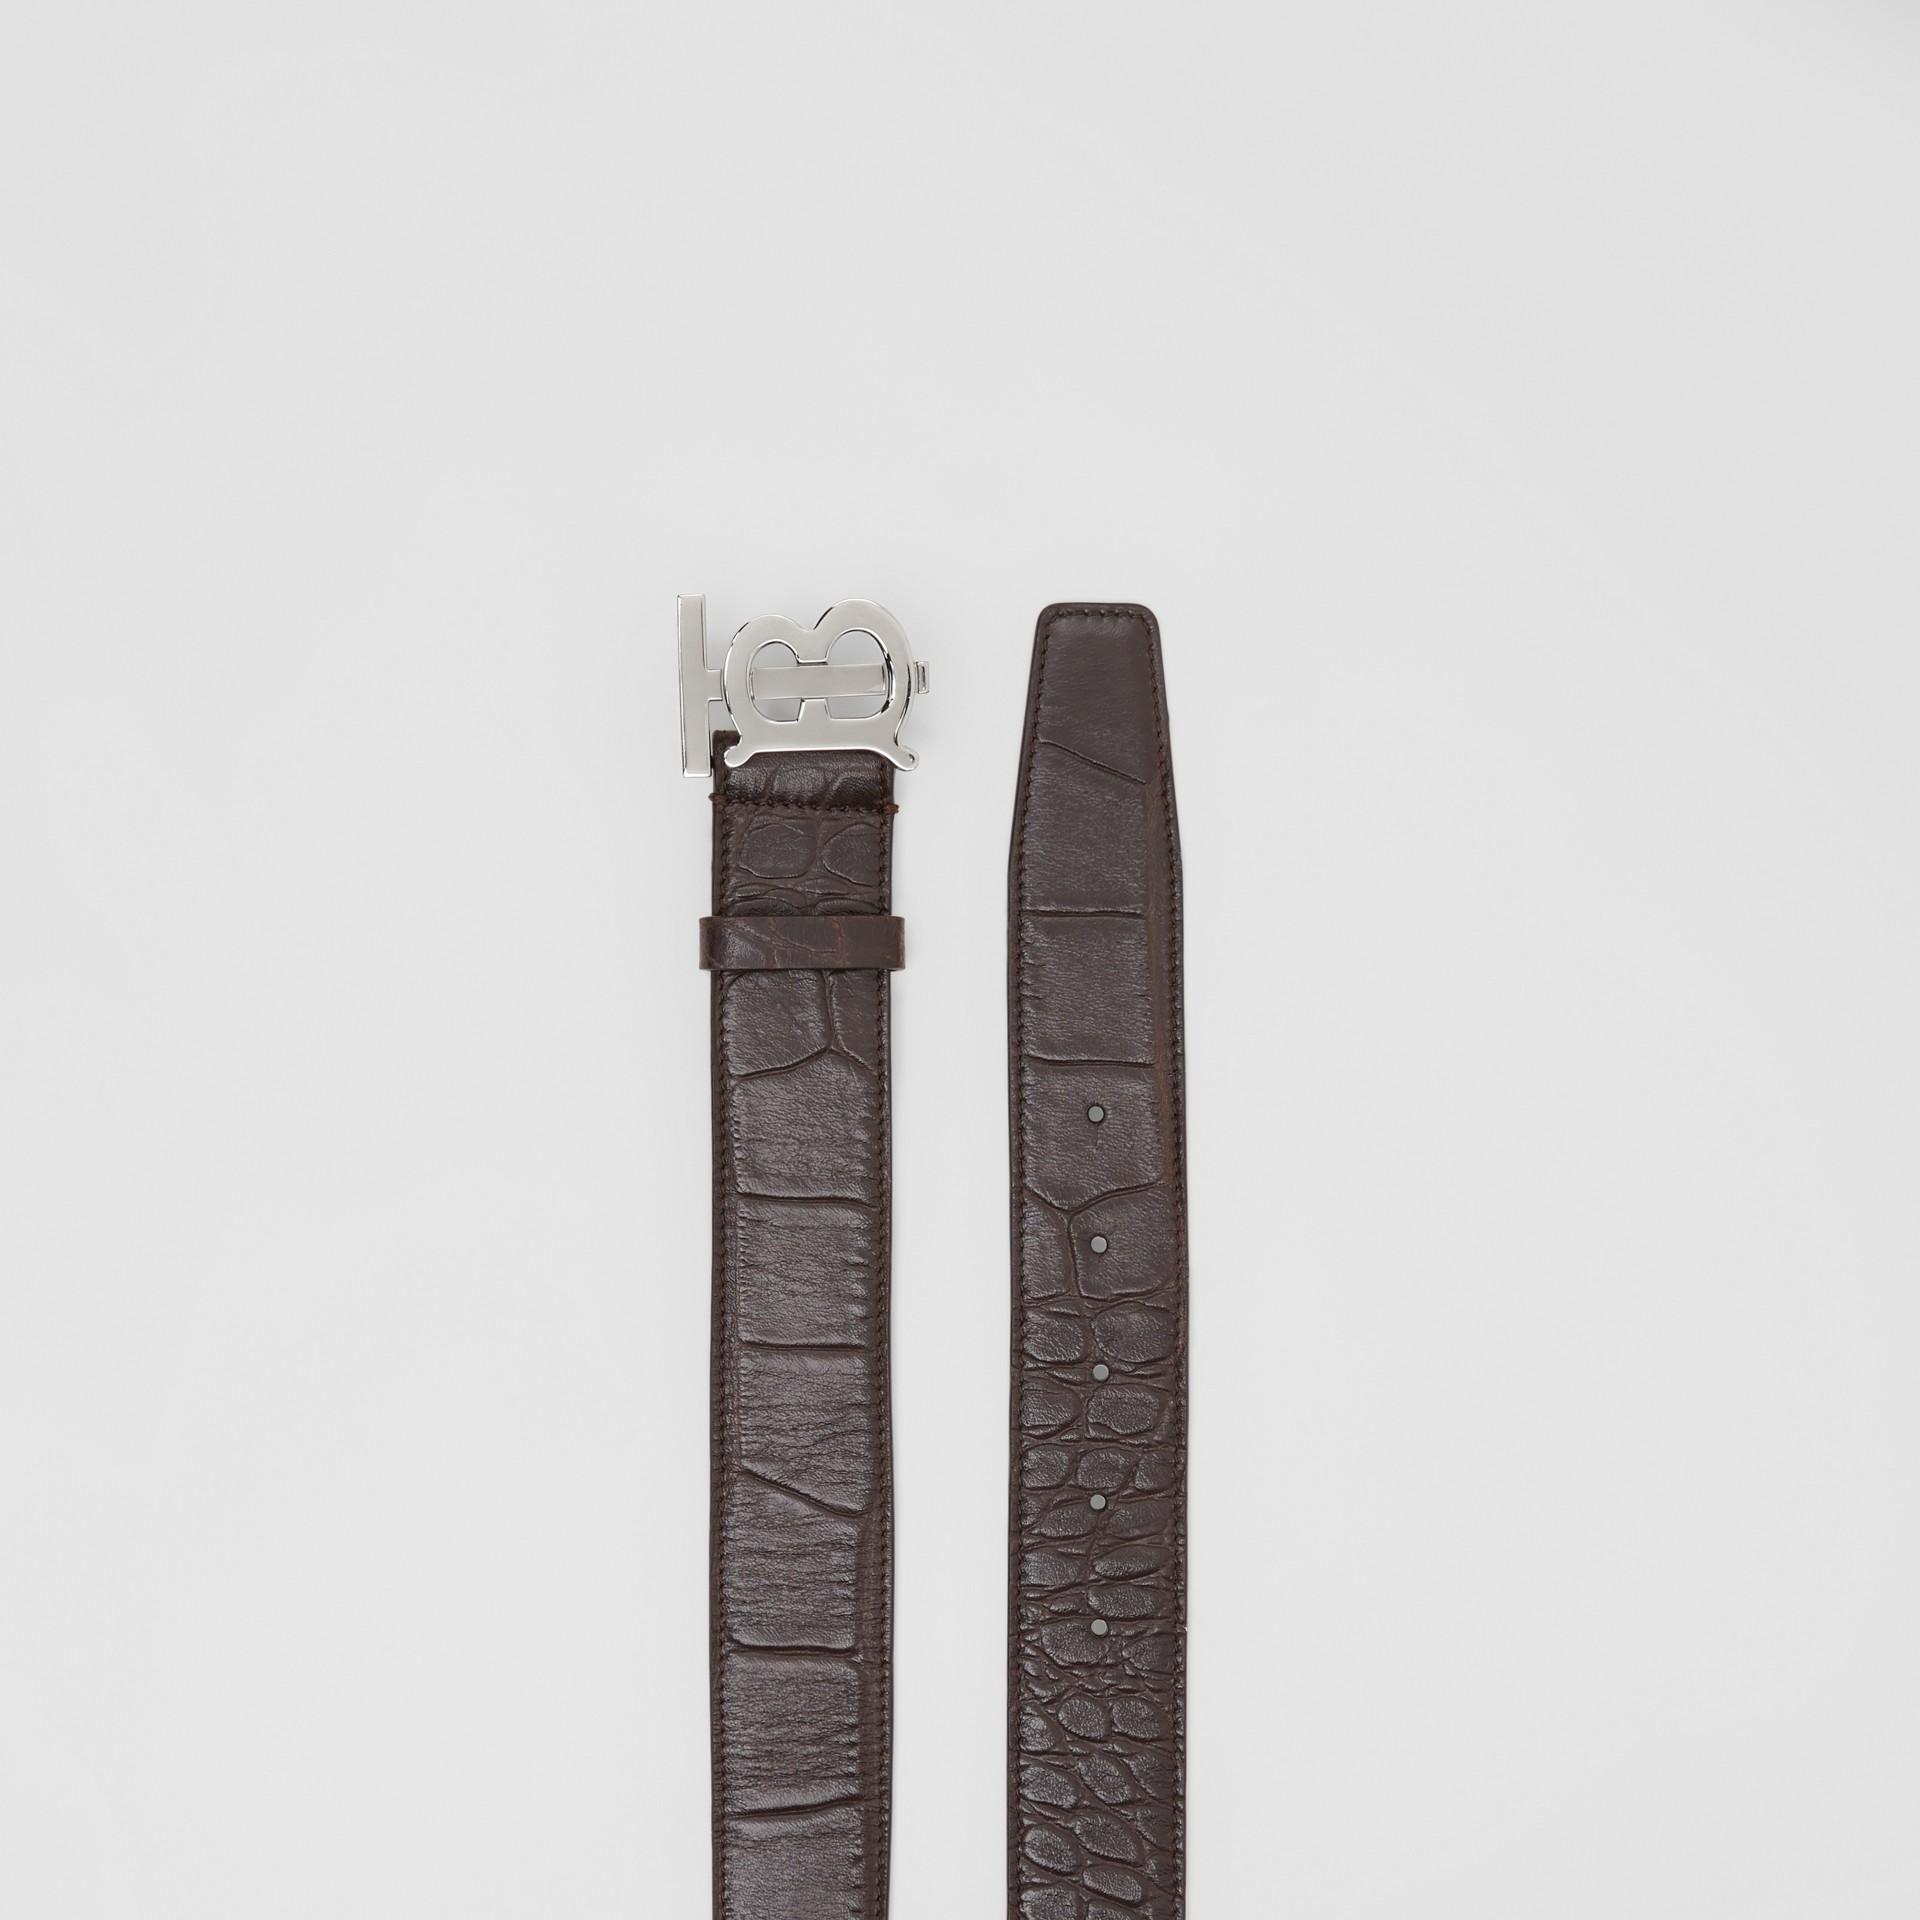 Monogram Motif Embossed Leather Belt in Brown - Men | Burberry United Kingdom - gallery image 5